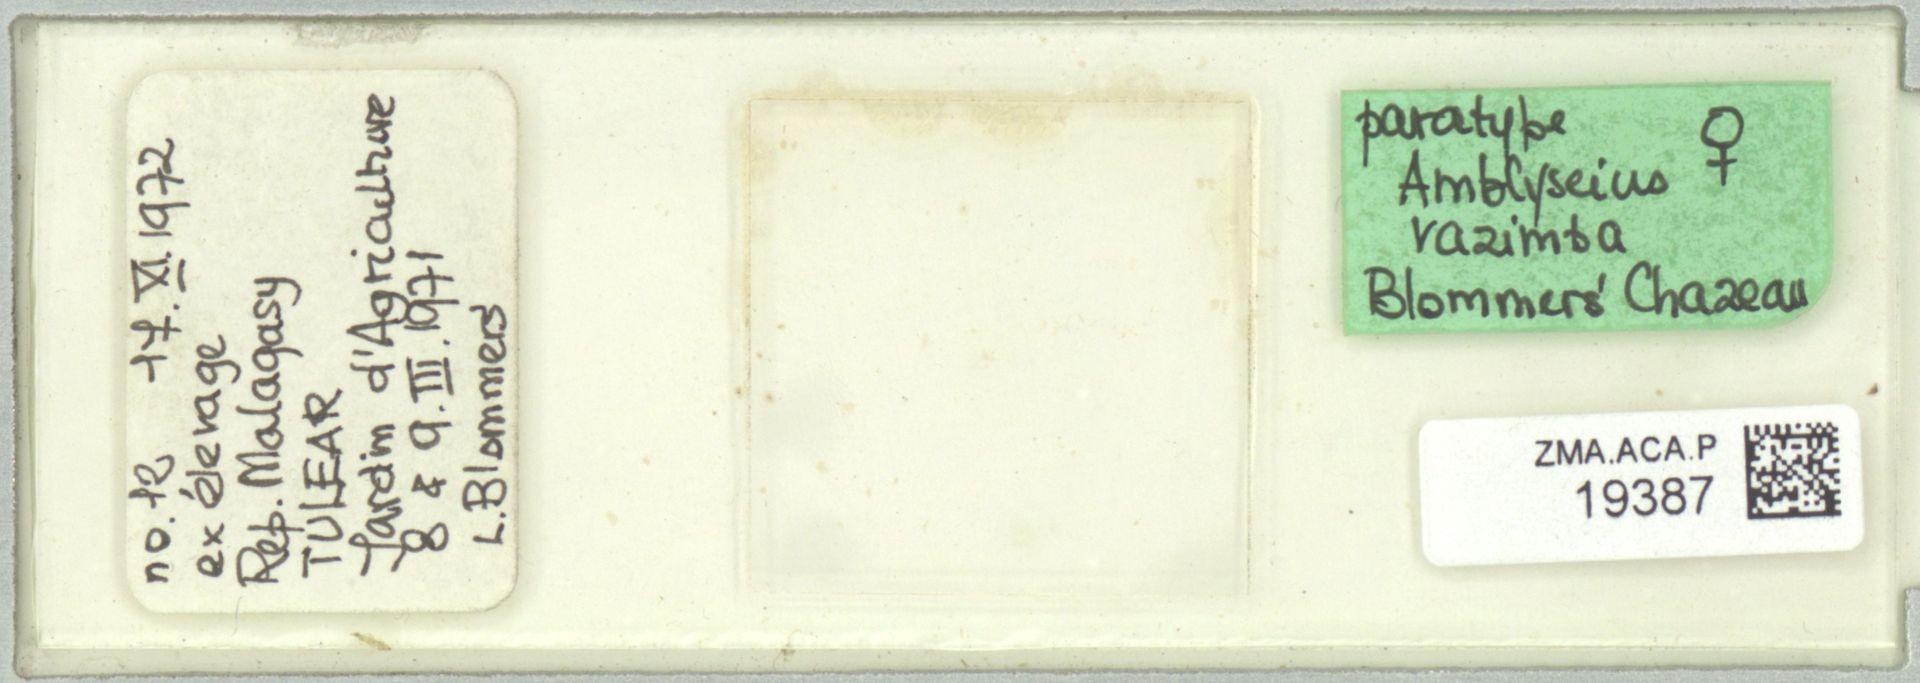 ZMA.ACA.P.19387 | Amblyseius razimba Blommers & Chazeau